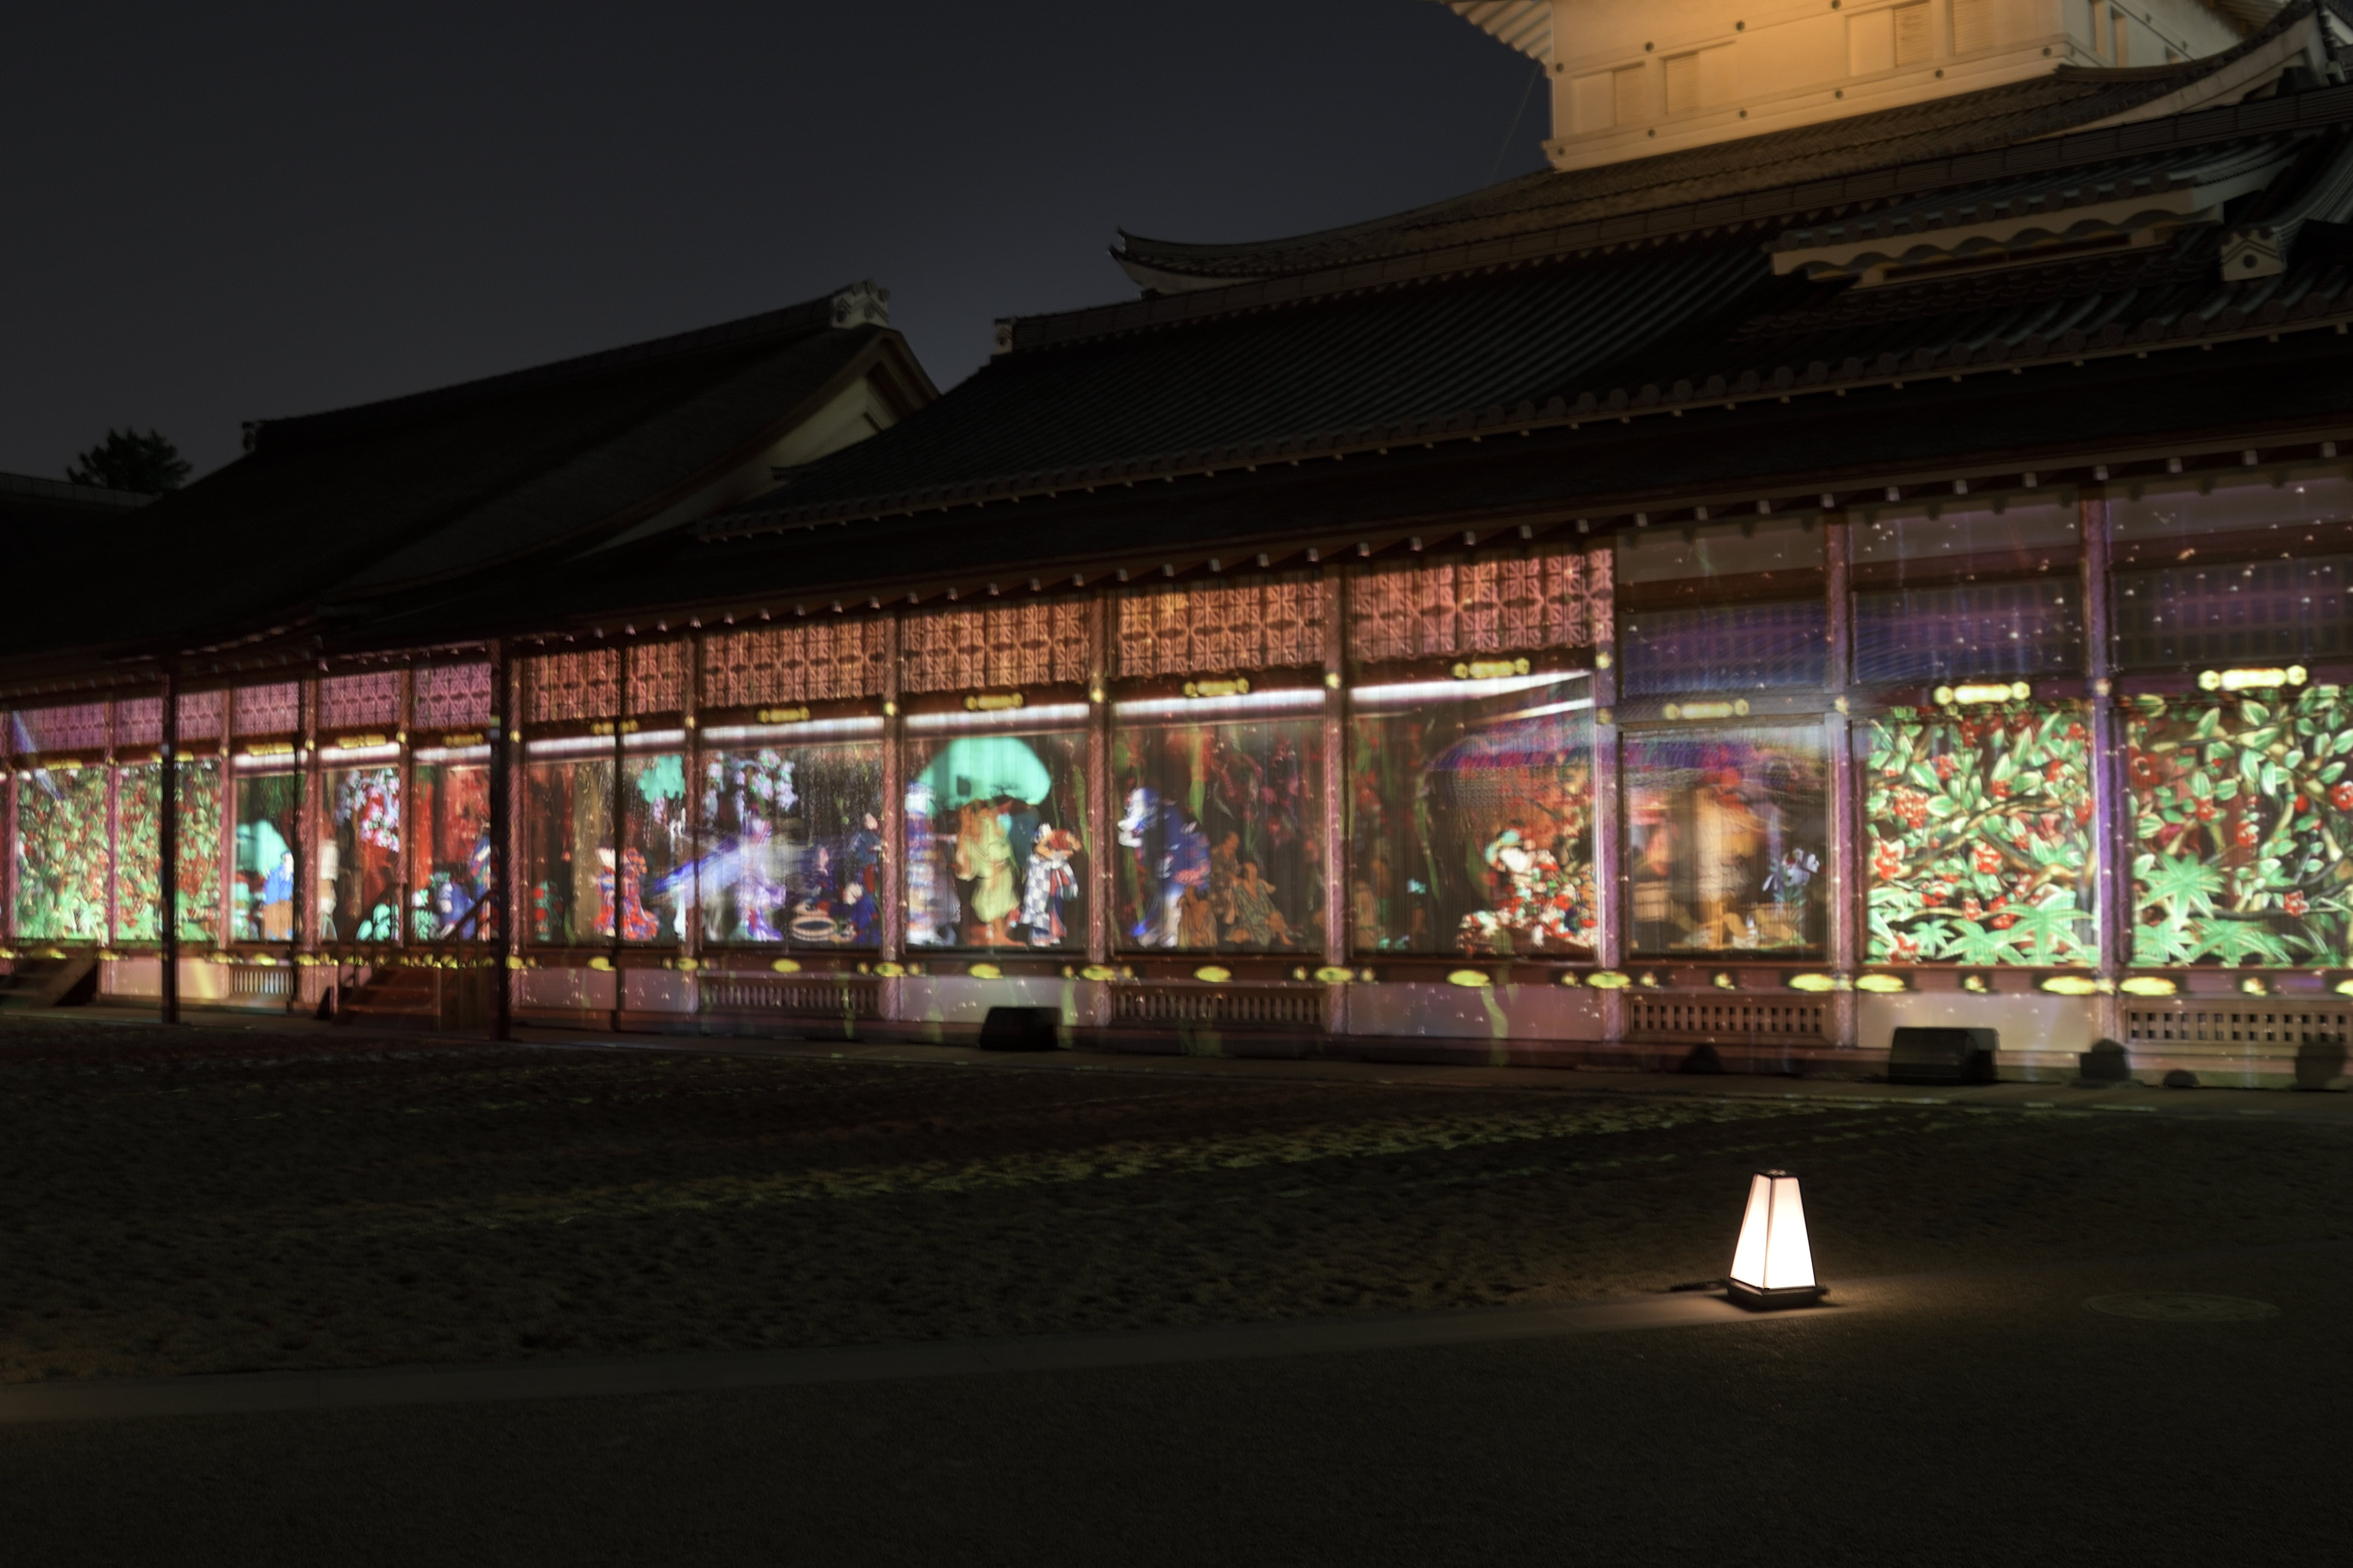 12月16日(日)まで、「名古屋城×NAKED」魅惑の夜景イベントを満喫してきた - DSC2426 min